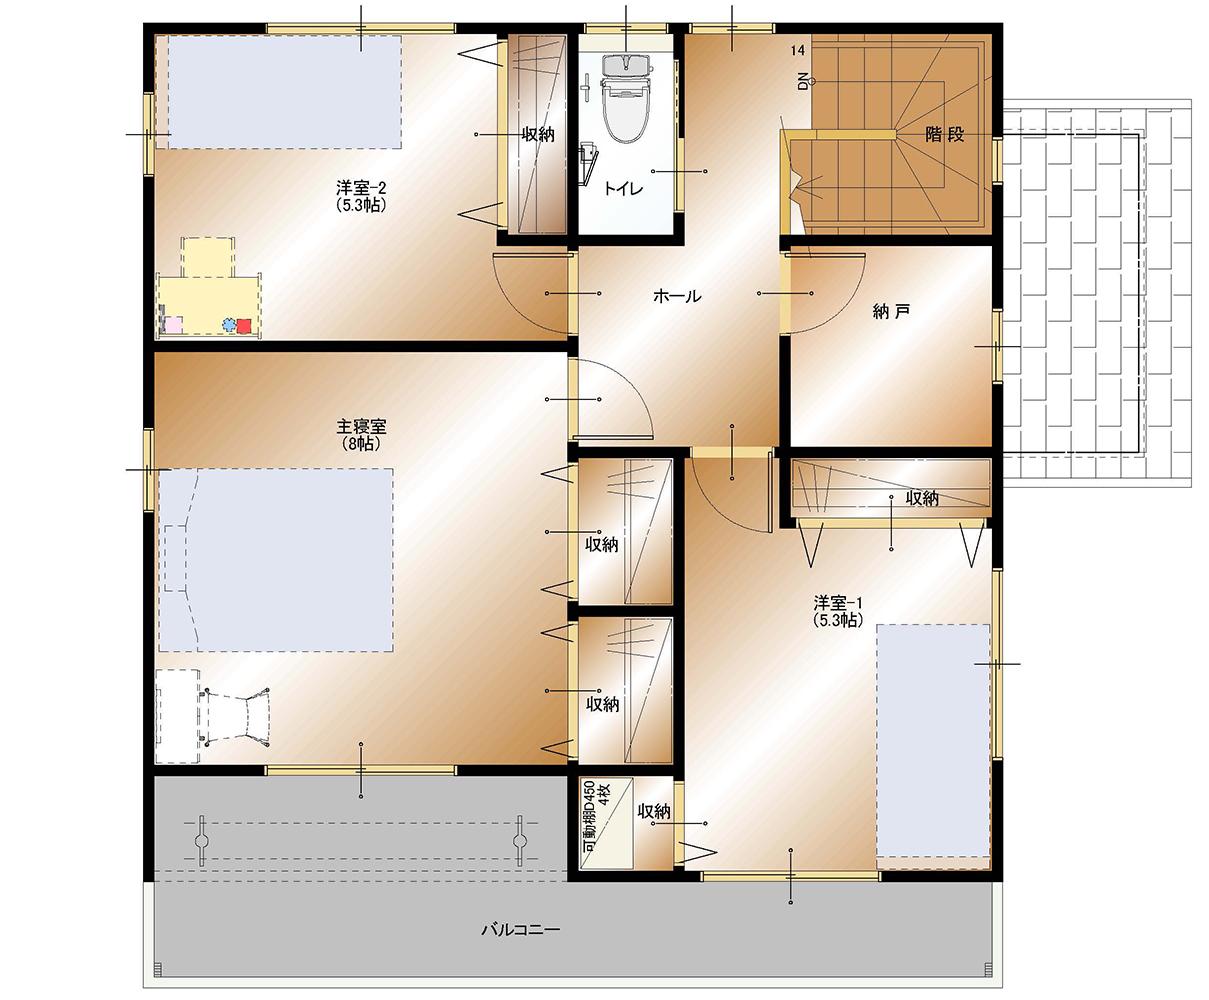 山梨 不動産 建売住宅 甲斐市下今井E38号棟 2F 間取り図